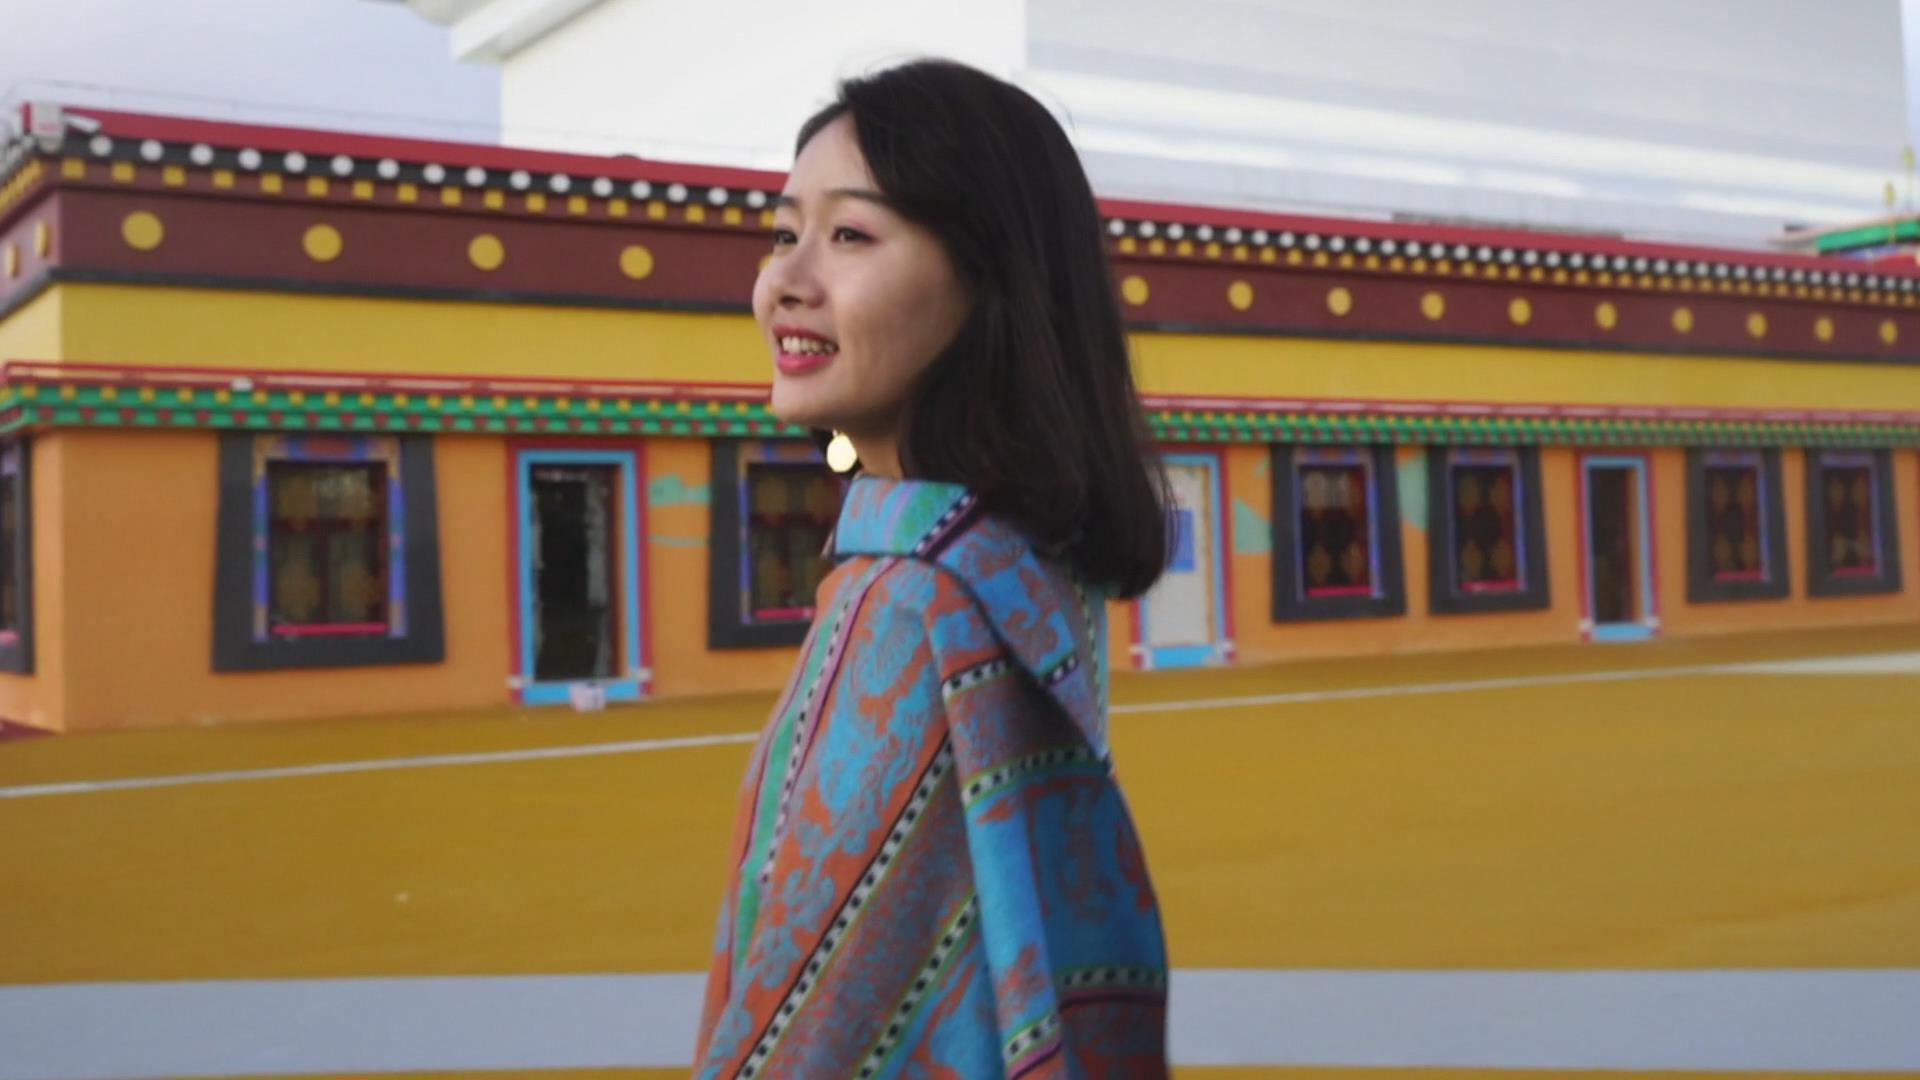 滇藏线游记 软妹子驾驶汉腾X7 游玩丽江、香格里拉